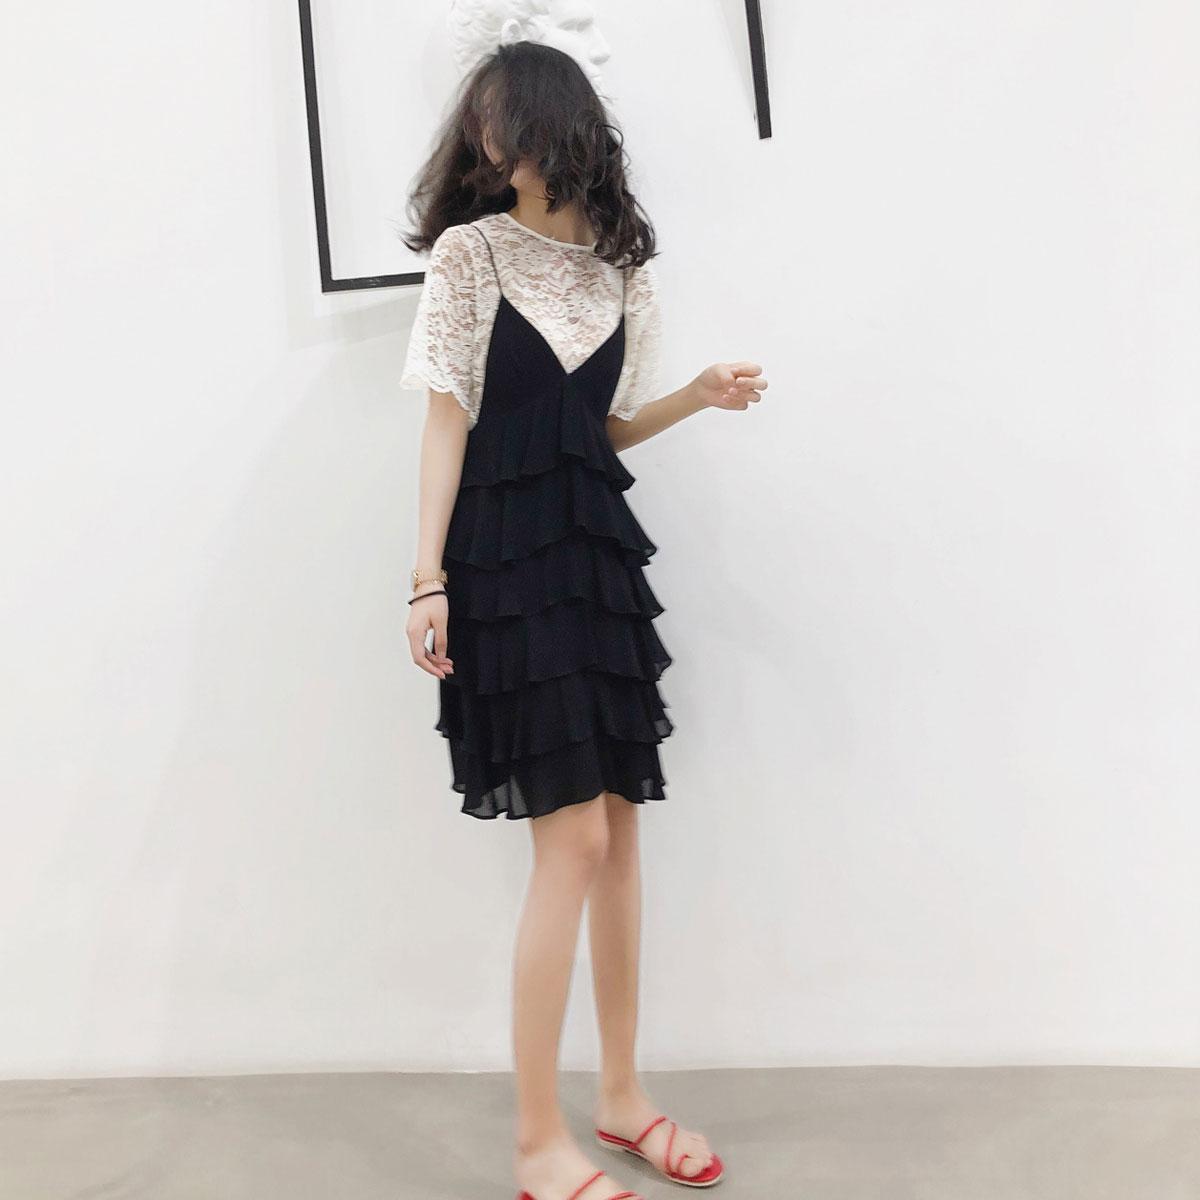 春装2020新款女装大码胖妹妹夏季洋气遮肉显瘦吊带裙两件套装减龄图片